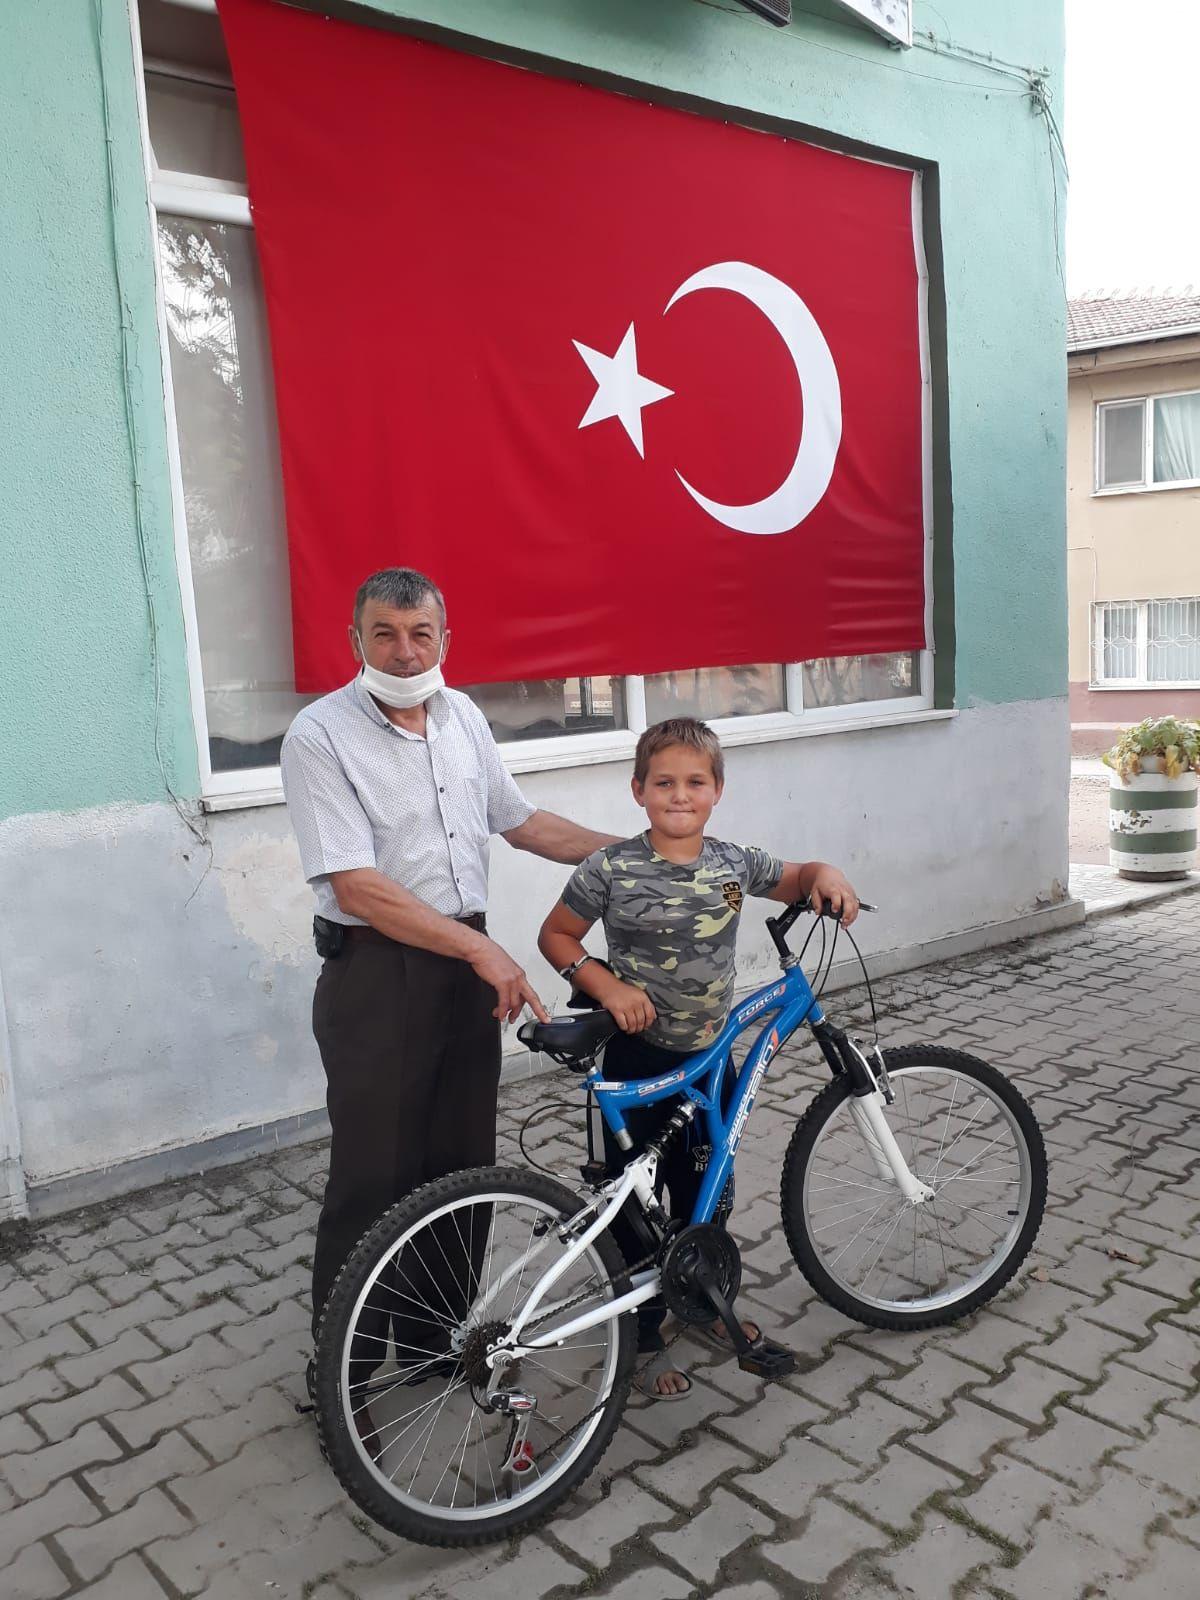 Bursa'dan Suriye'deki Mehmetçik'e mektup gönderen çocuğa bisiklet sürprizi